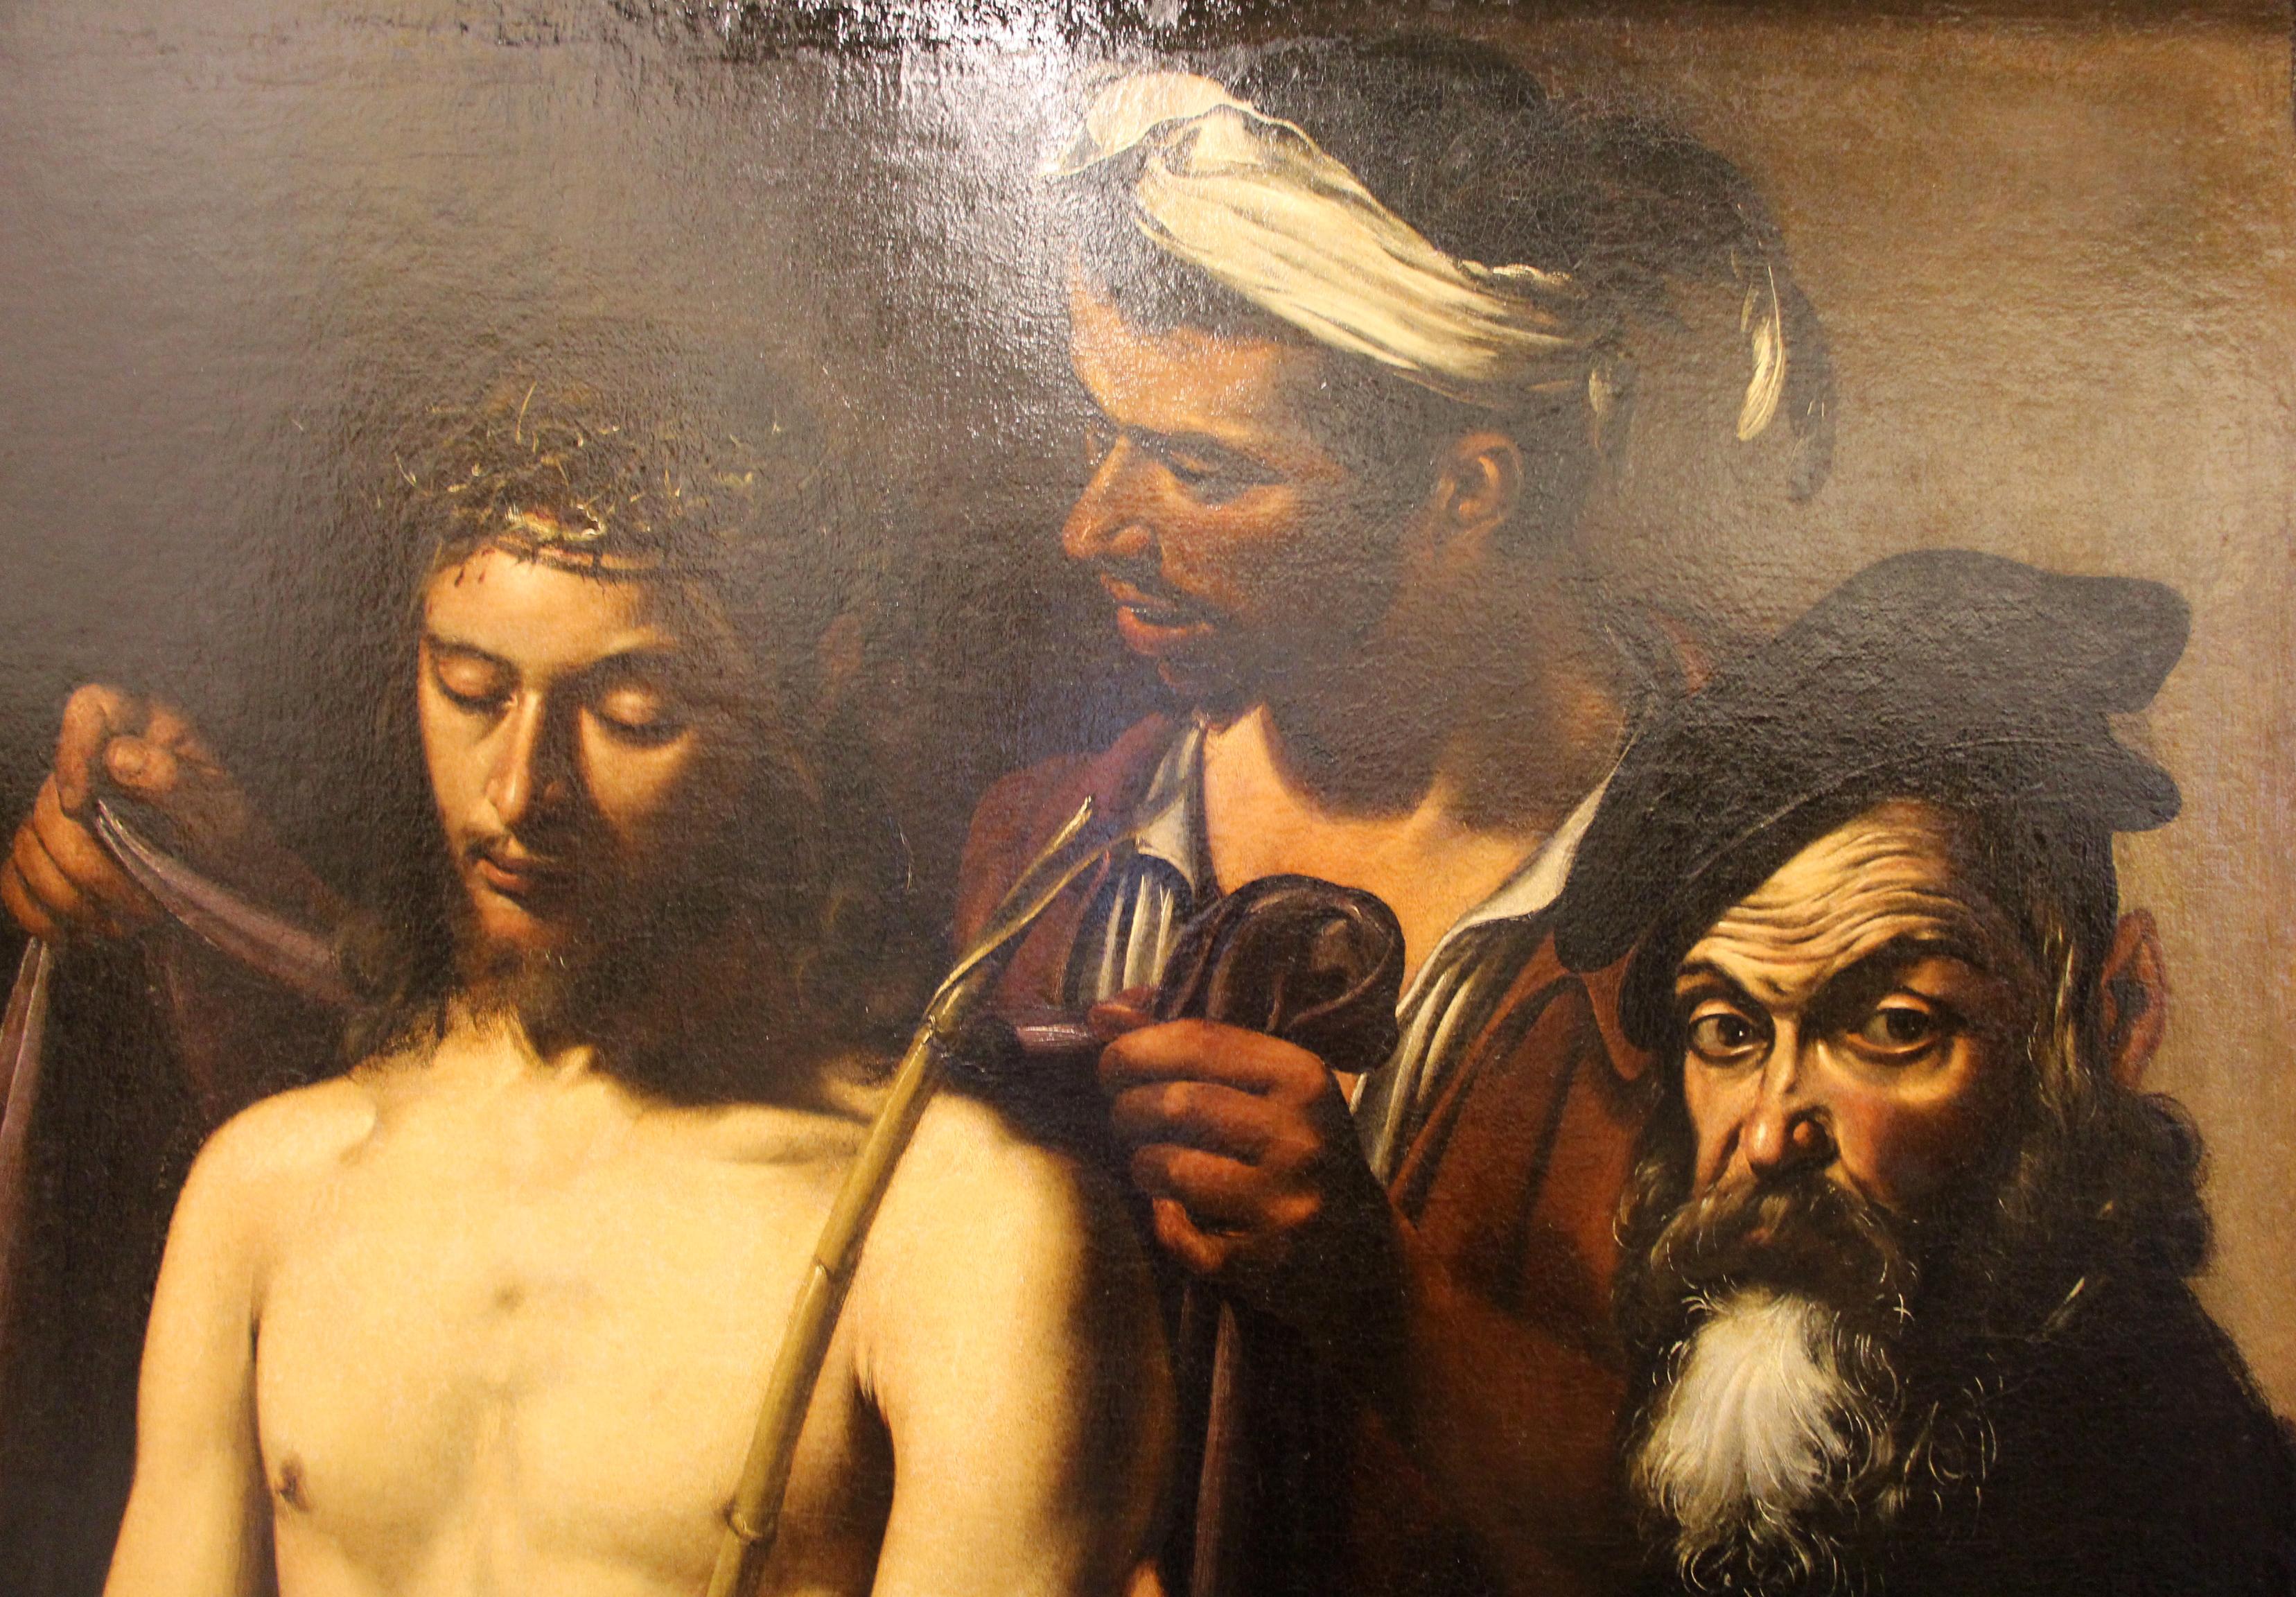 Ecce Homo, Caravaggio